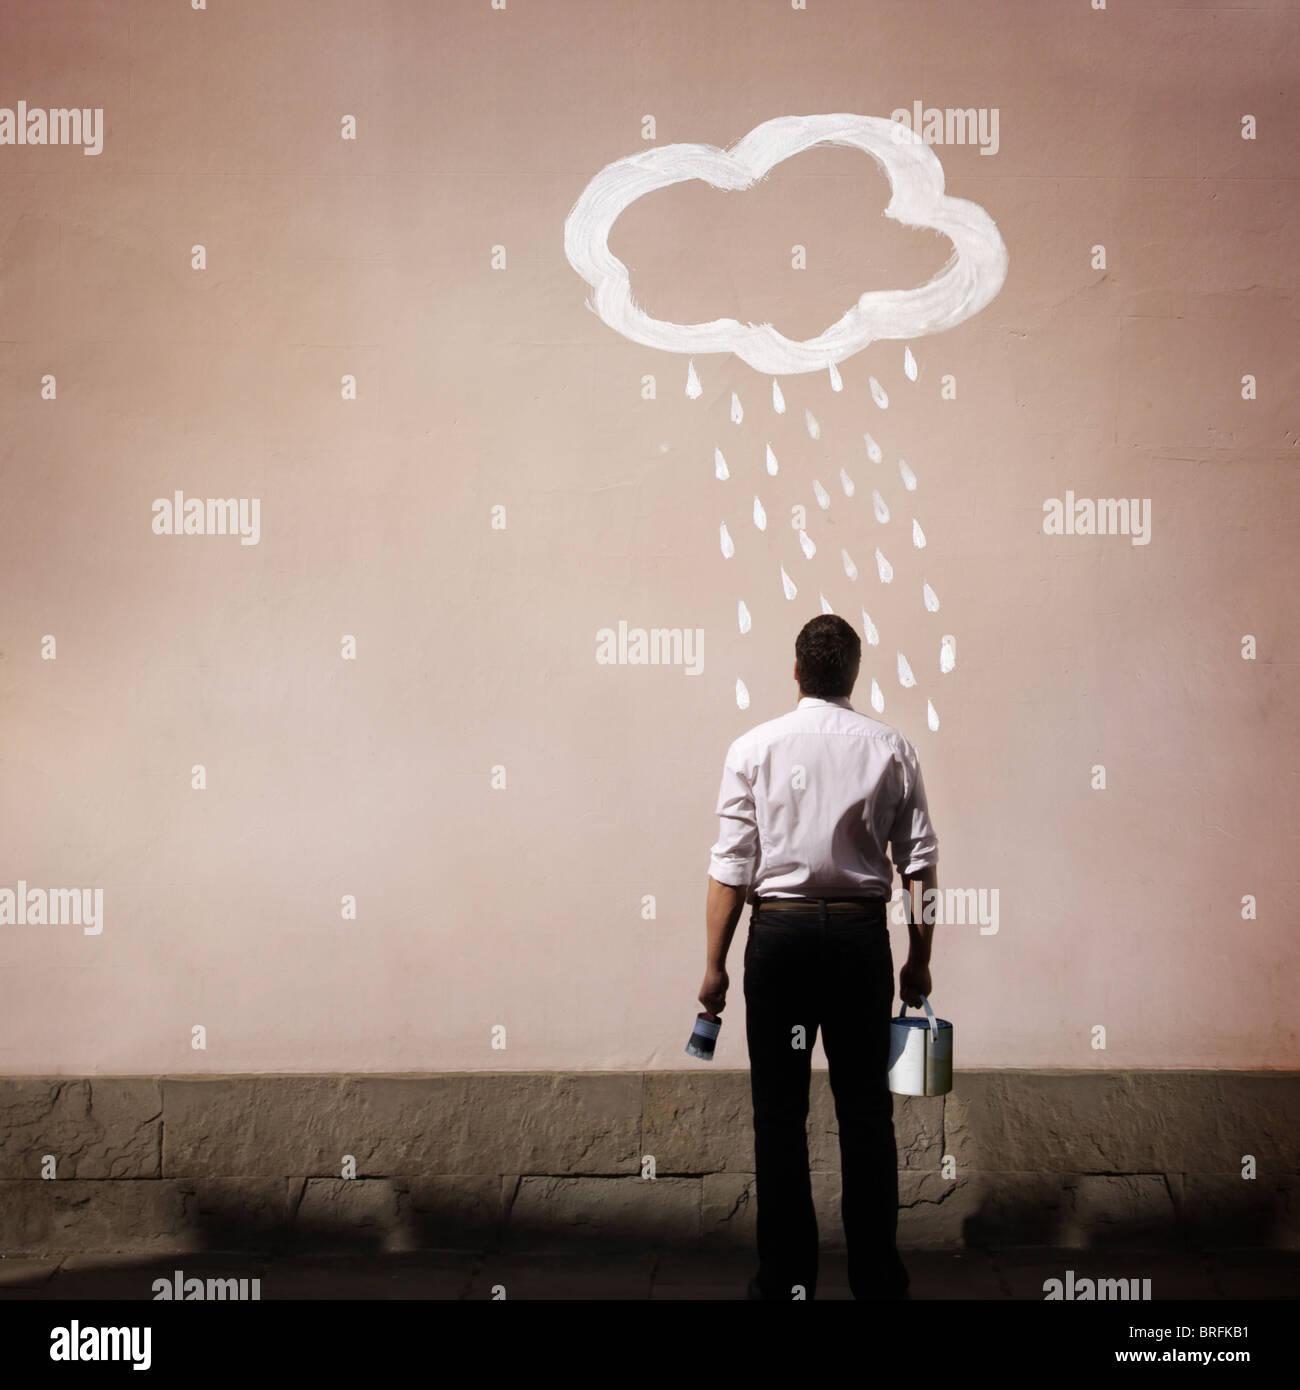 Man with rain cloud peint sur un mur Photo Stock